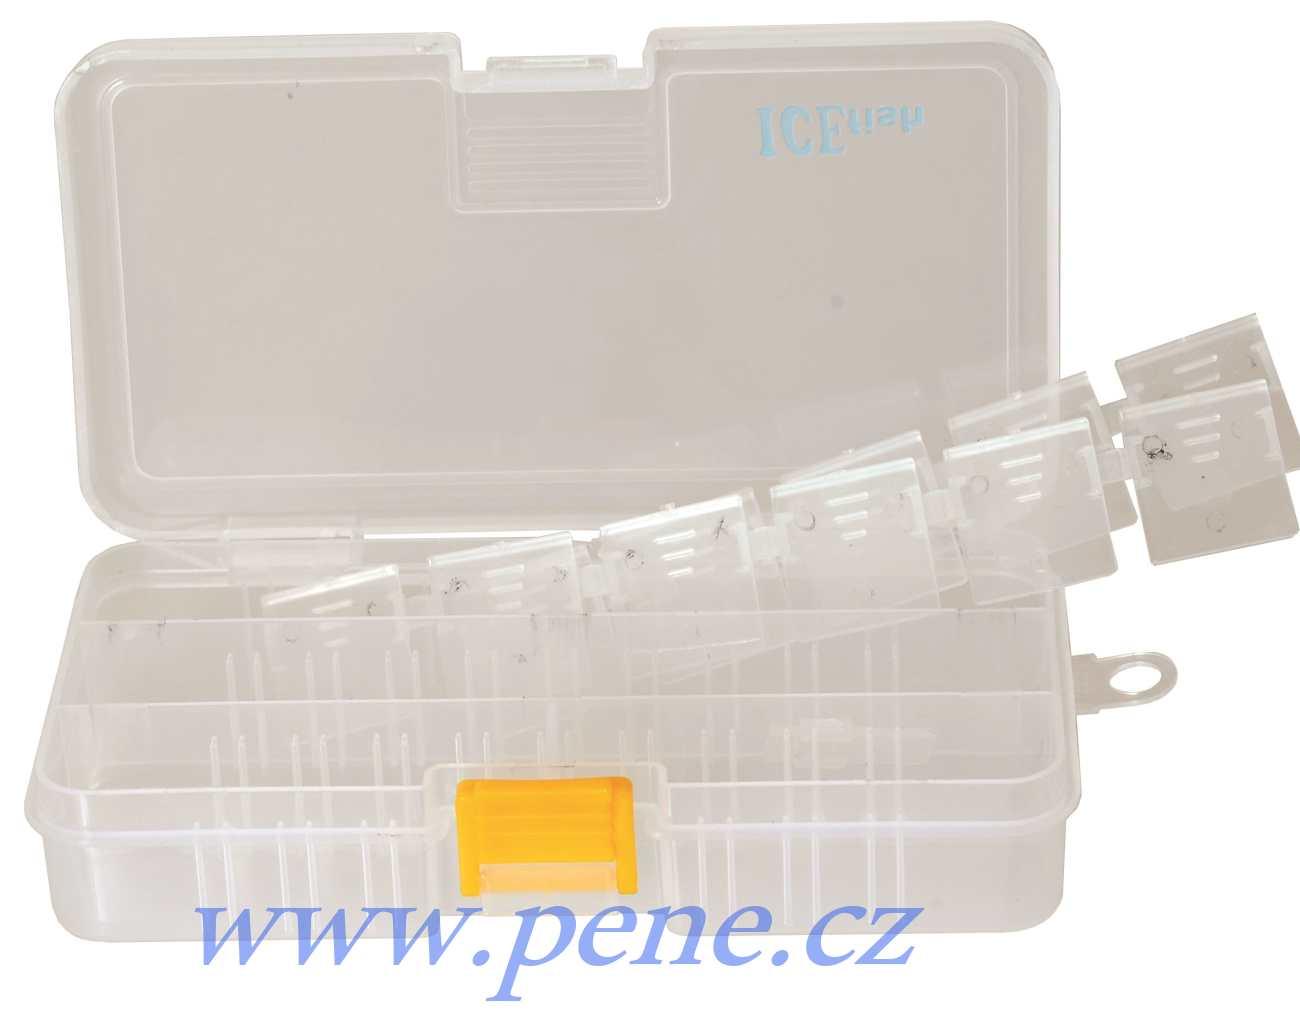 Rybáøská plastová krabièka stavitelná E13 JSA fish - zvìtšit obrázek